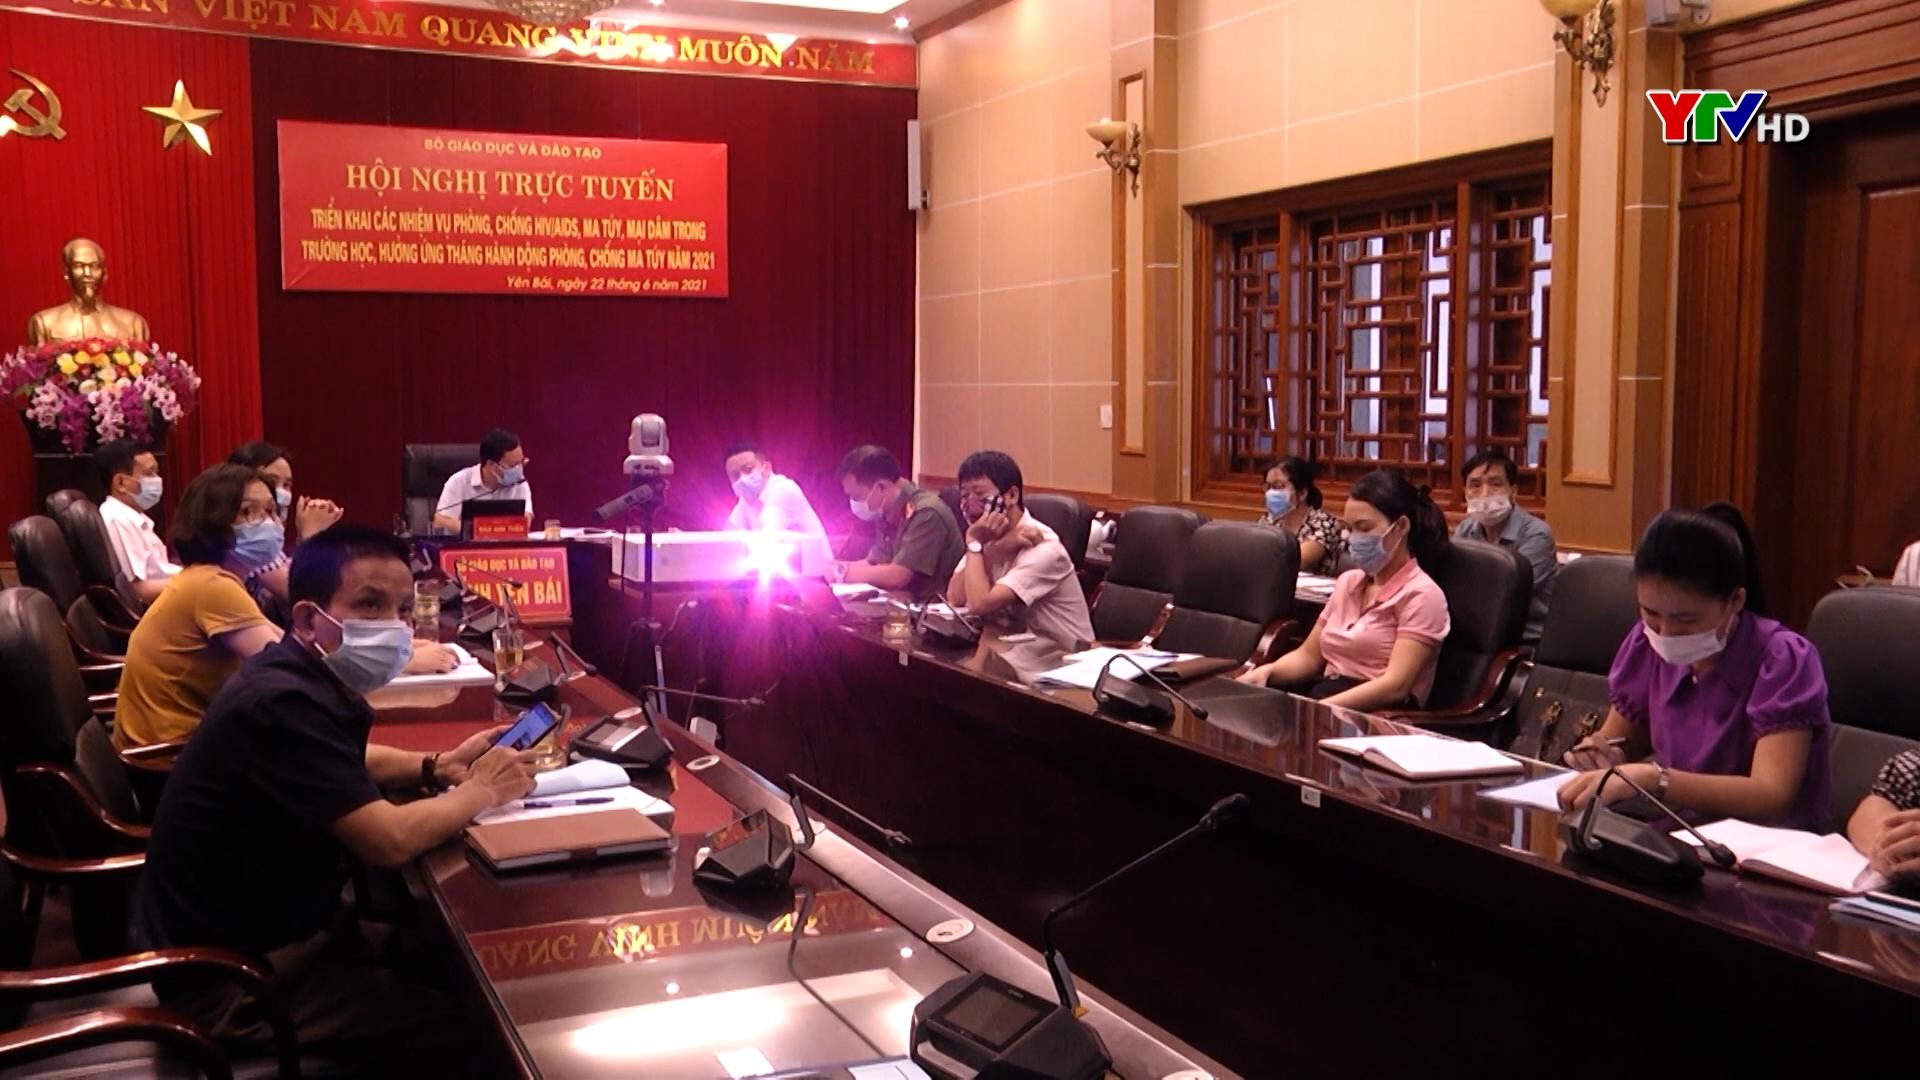 Tỉnh Yên Bái dự Hội nghị trực tuyến triển khai các nhiệm vụ phòng, chống HIV/AIDS, ma túy, mại dâm trong trường học